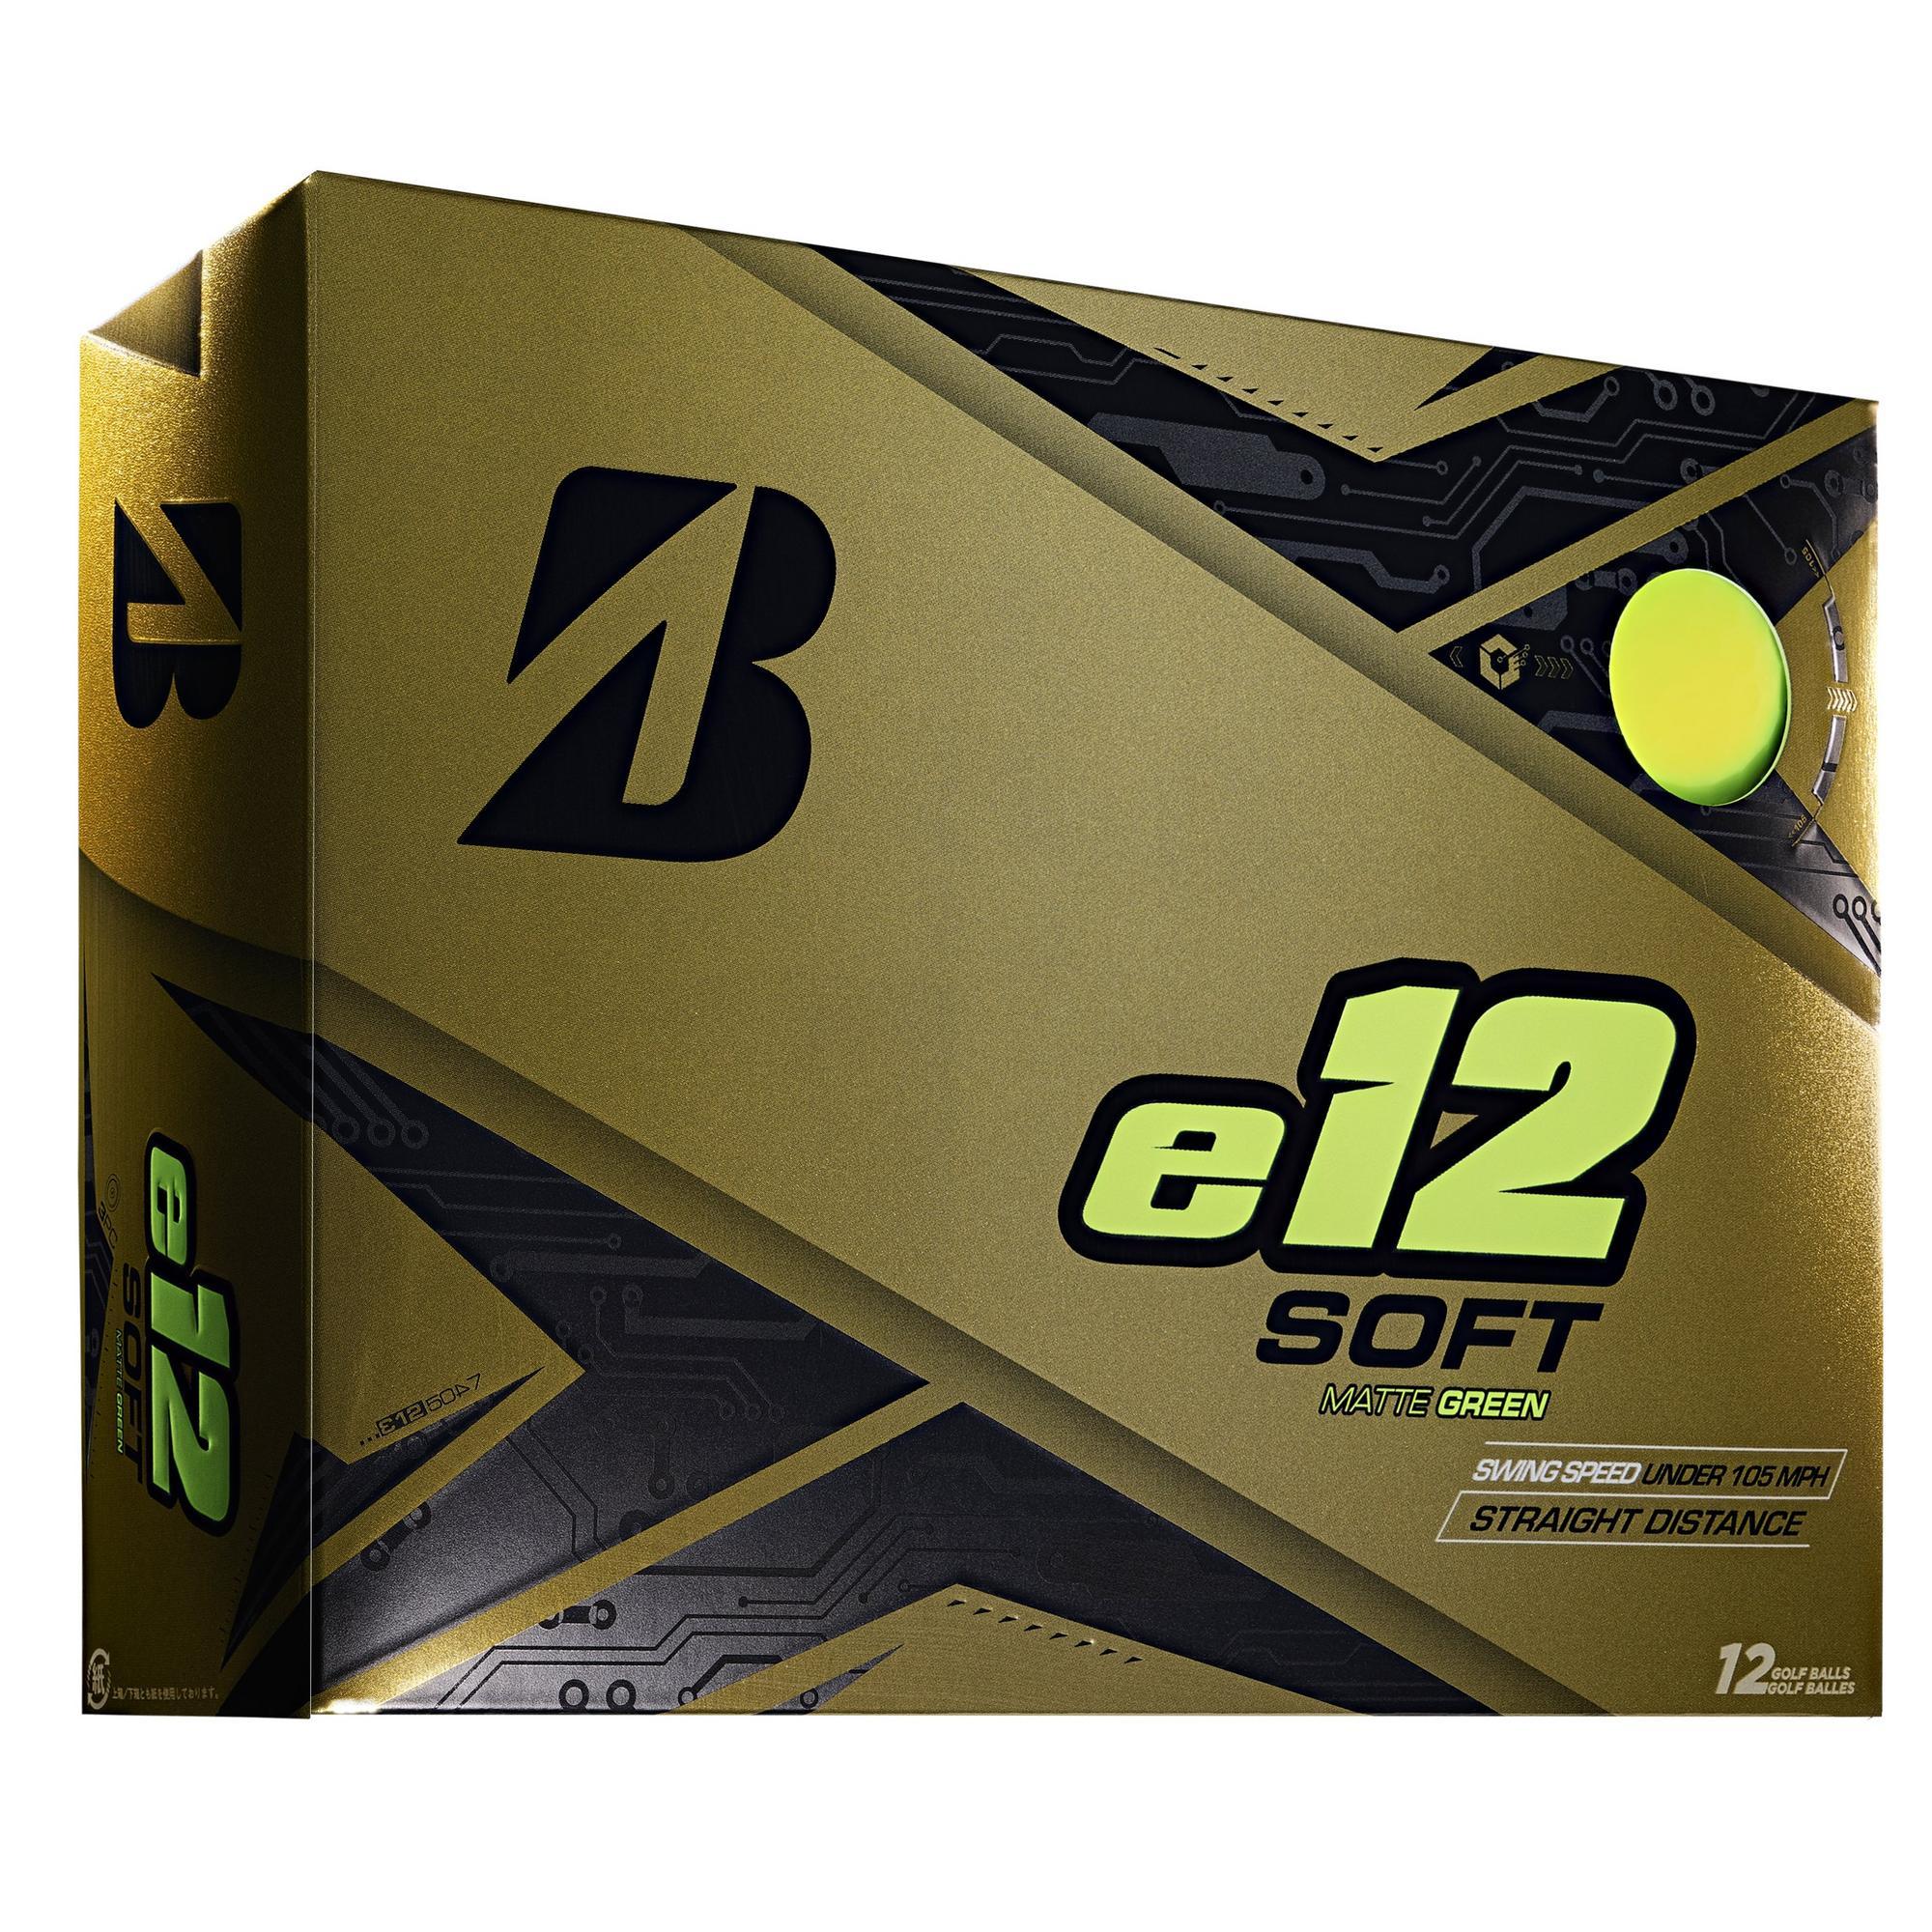 e12 Soft Matte Golf Balls - Green